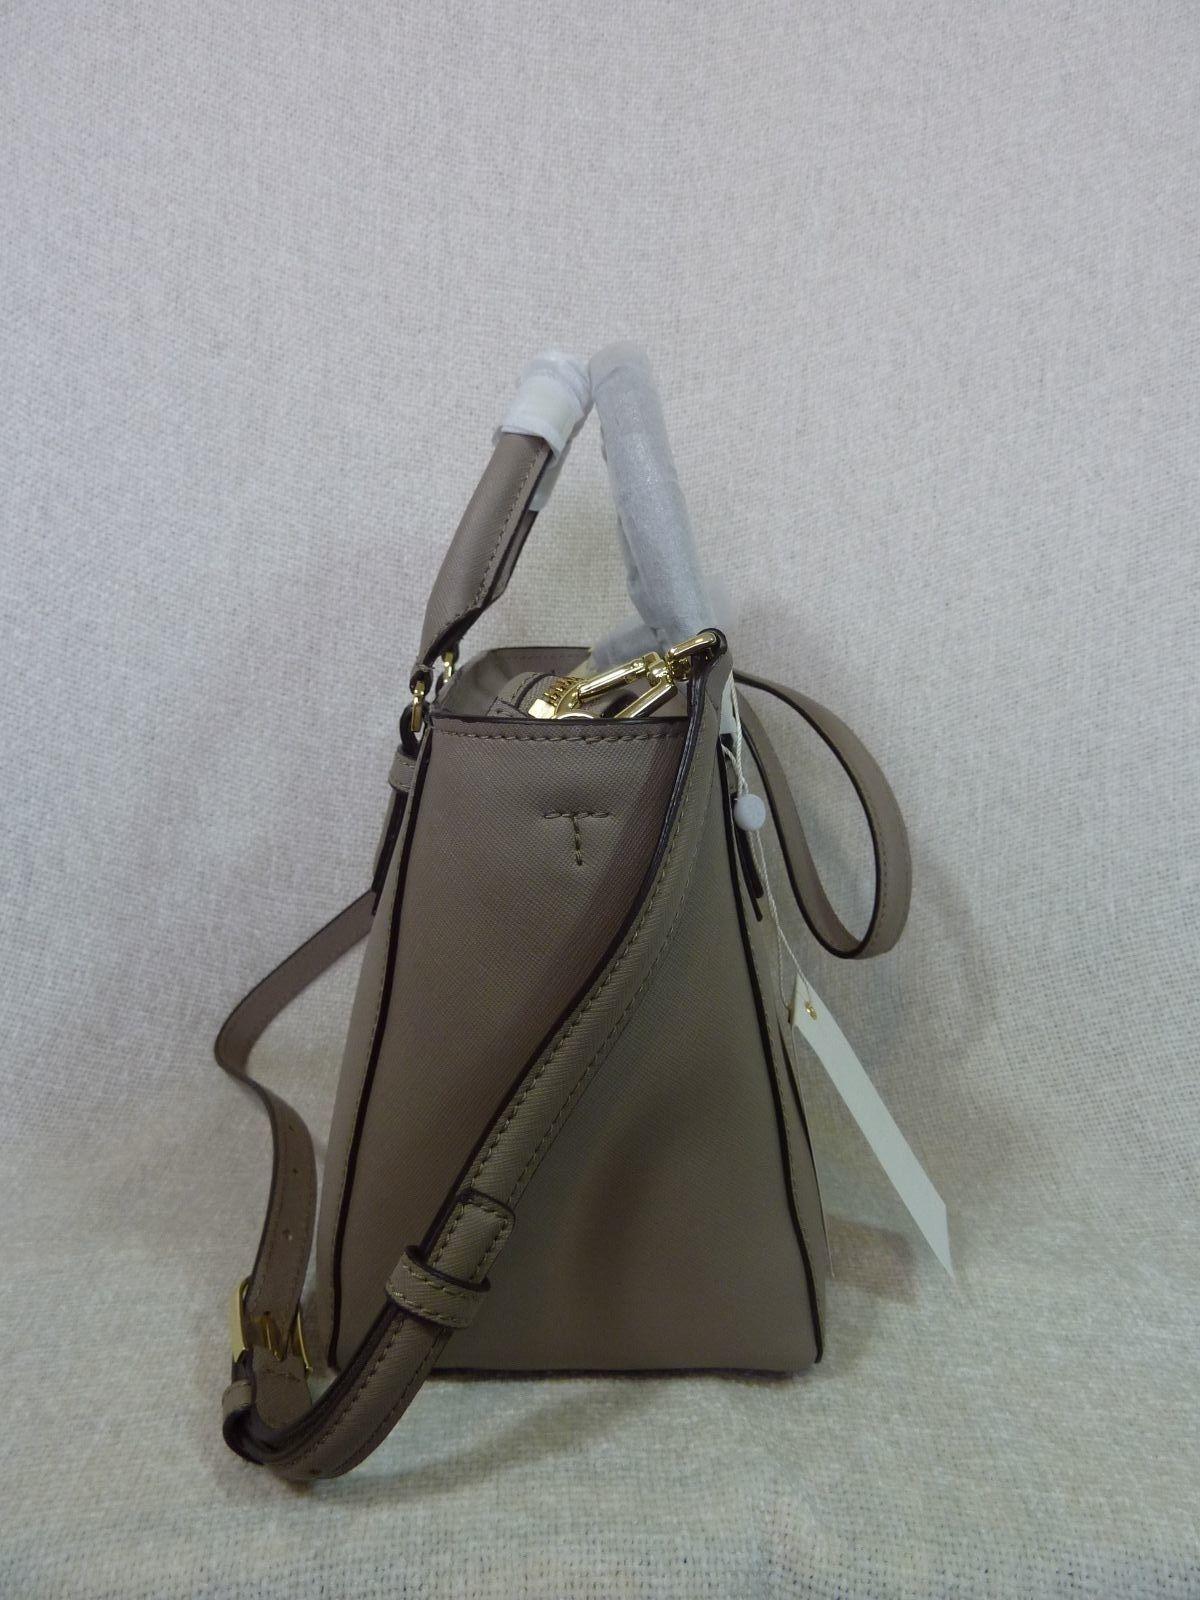 NWT Tory Burch French Gray Saffiano Leather Robinson Mini Square Tote image 4